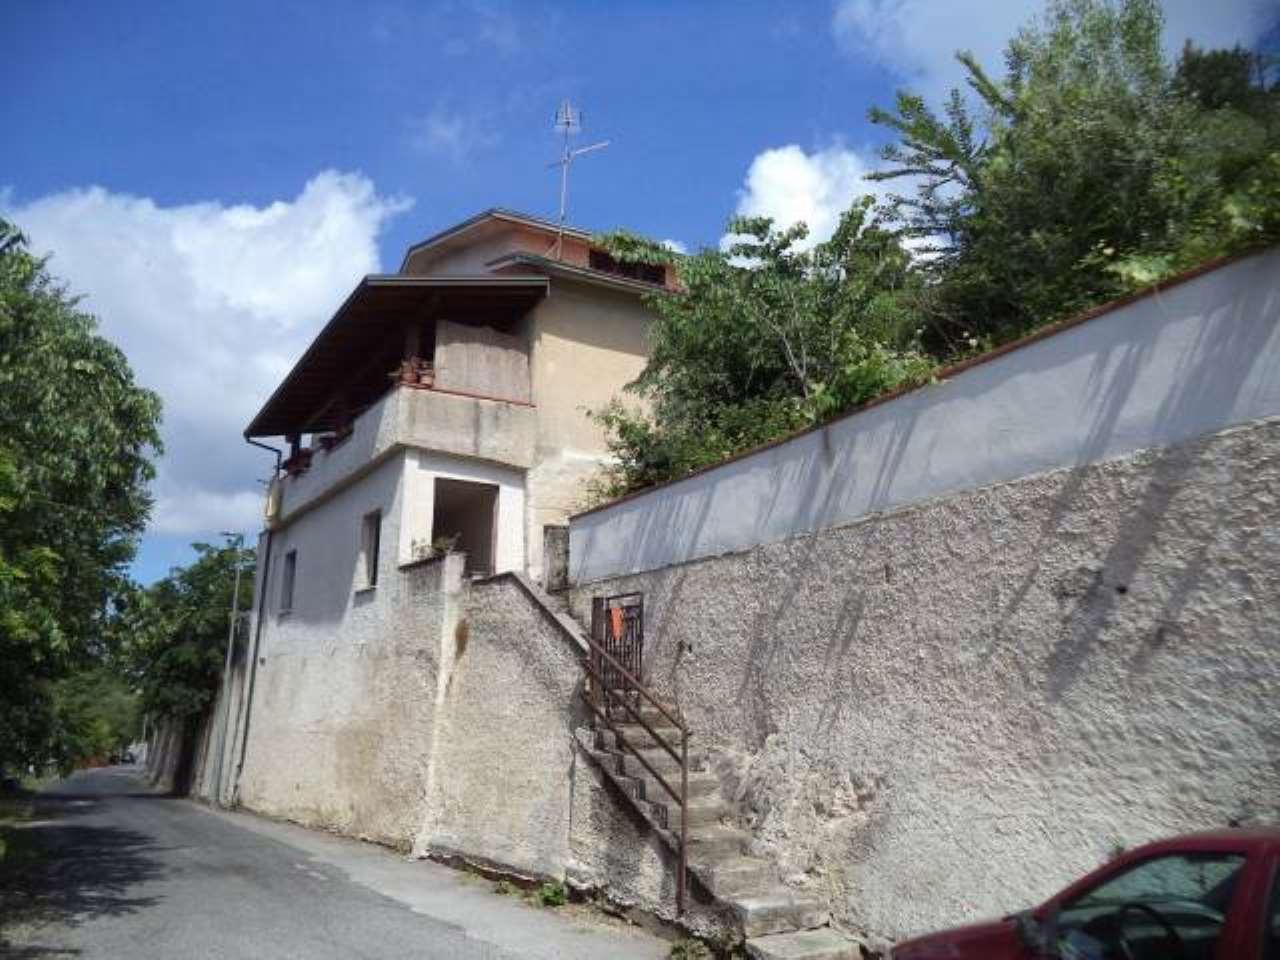 Villa in vendita a Arce, 3 locali, prezzo € 75.000 | CambioCasa.it